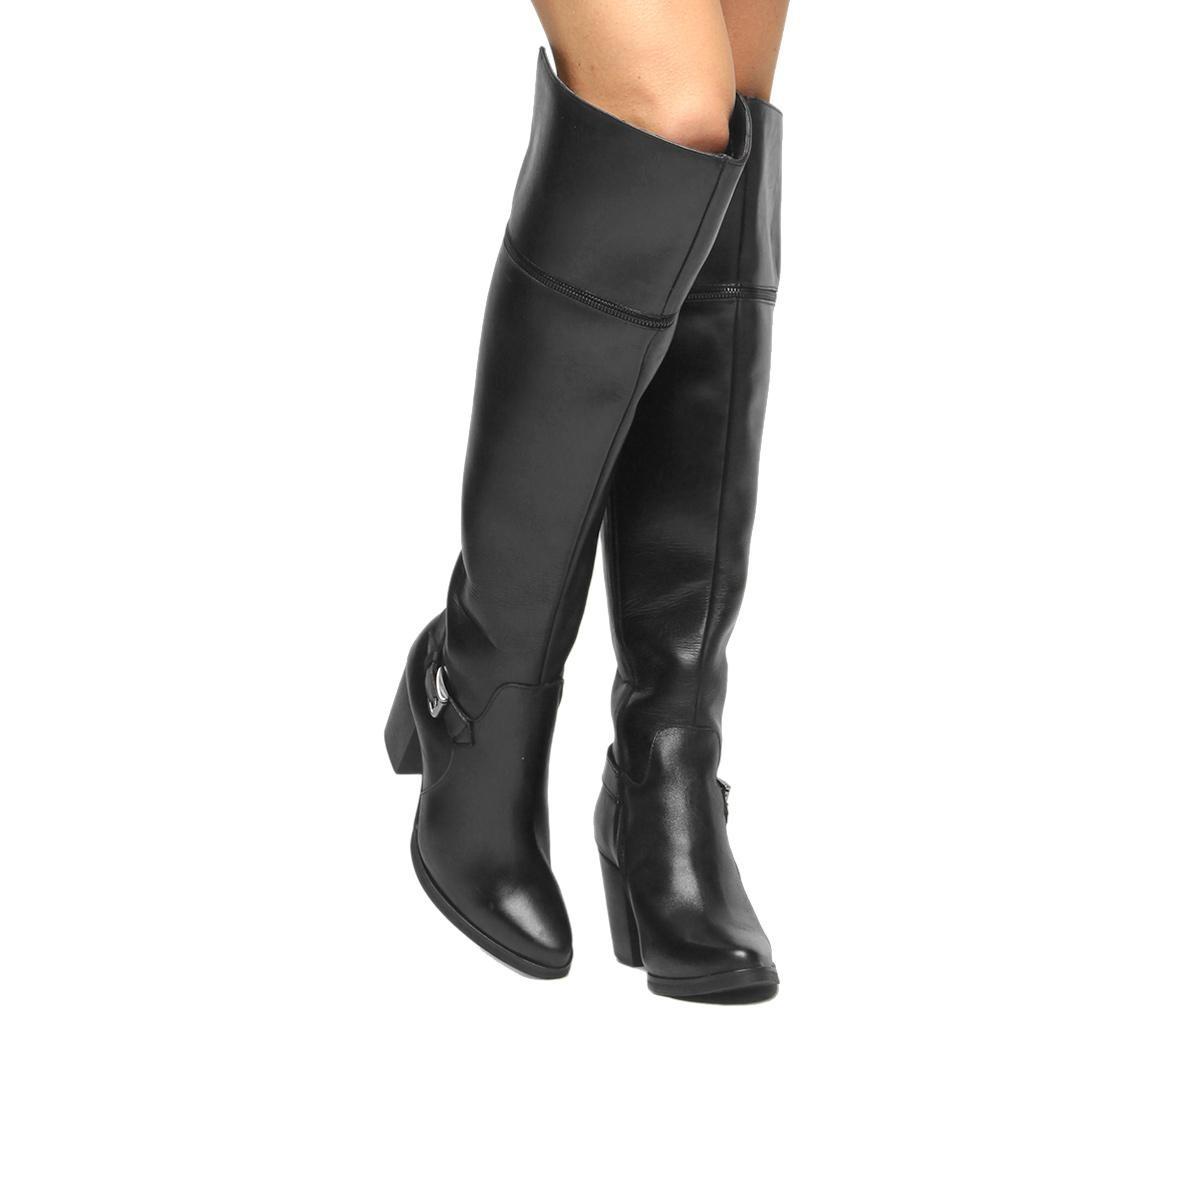 6a585beb3 Bota Couro Over The Knee Shoestock Fivela Feminina - R$ 329,90 em ...